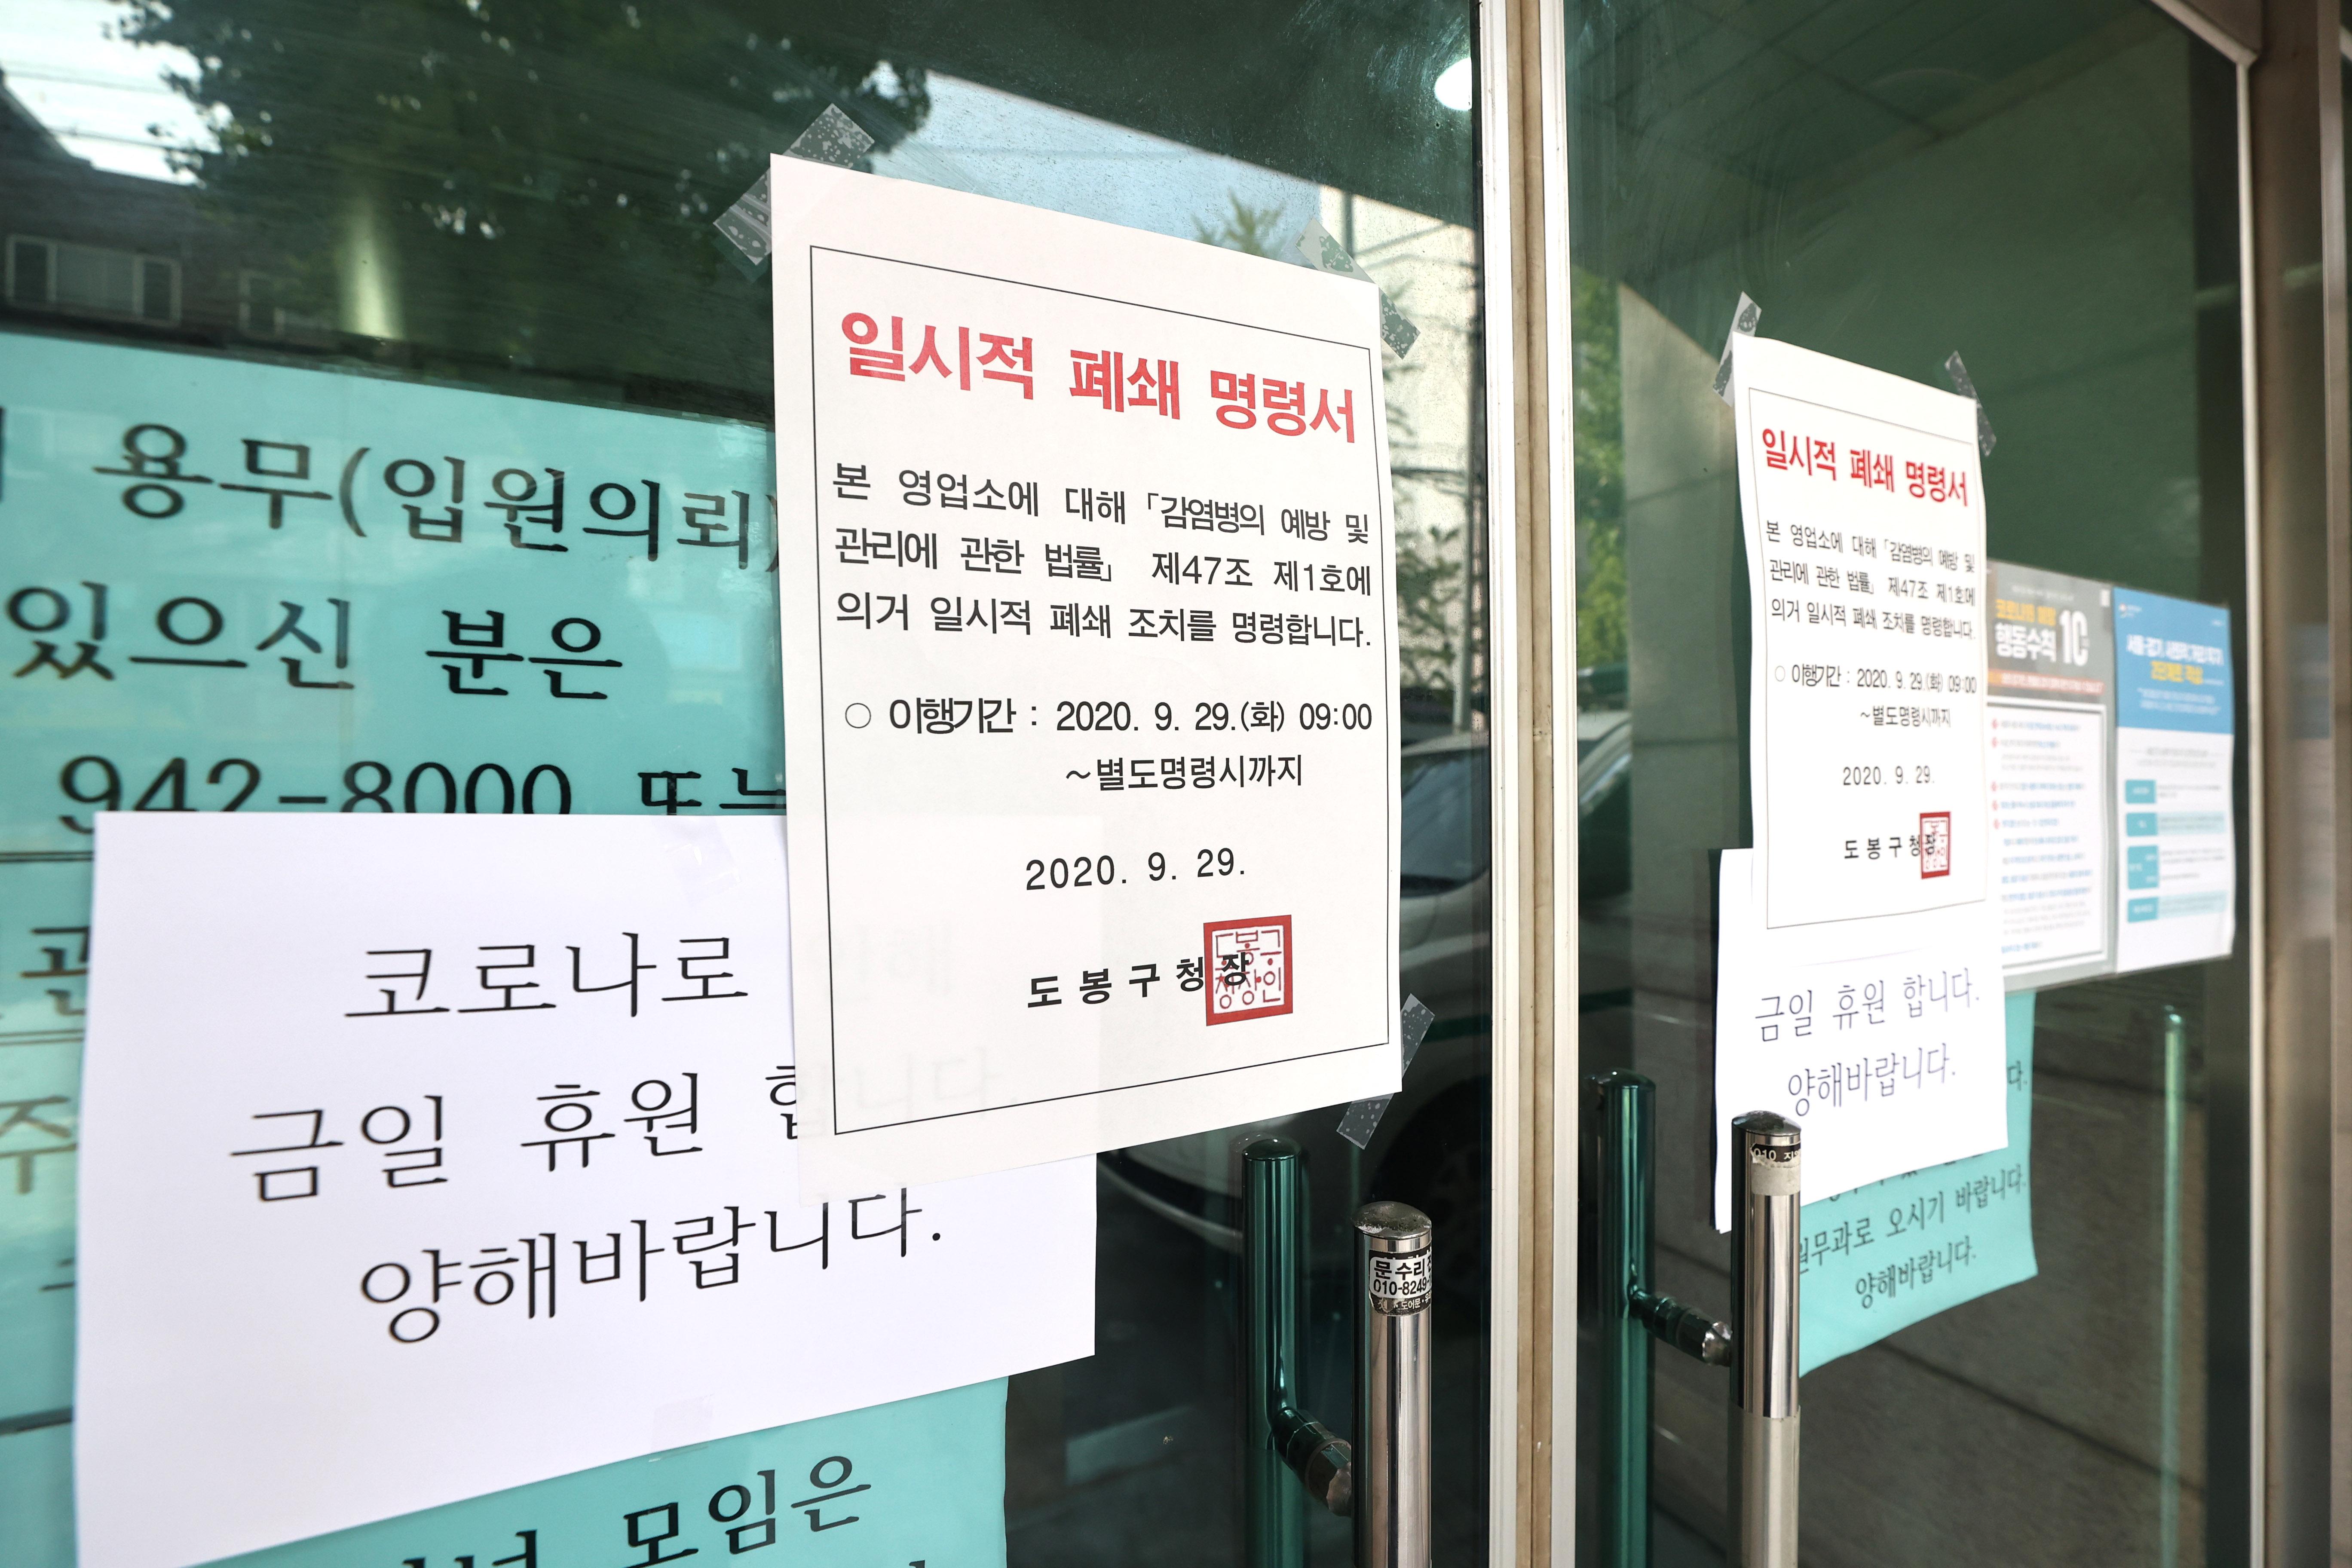 코로나19 집단감염이 발생한 서울 도봉구 다나병원